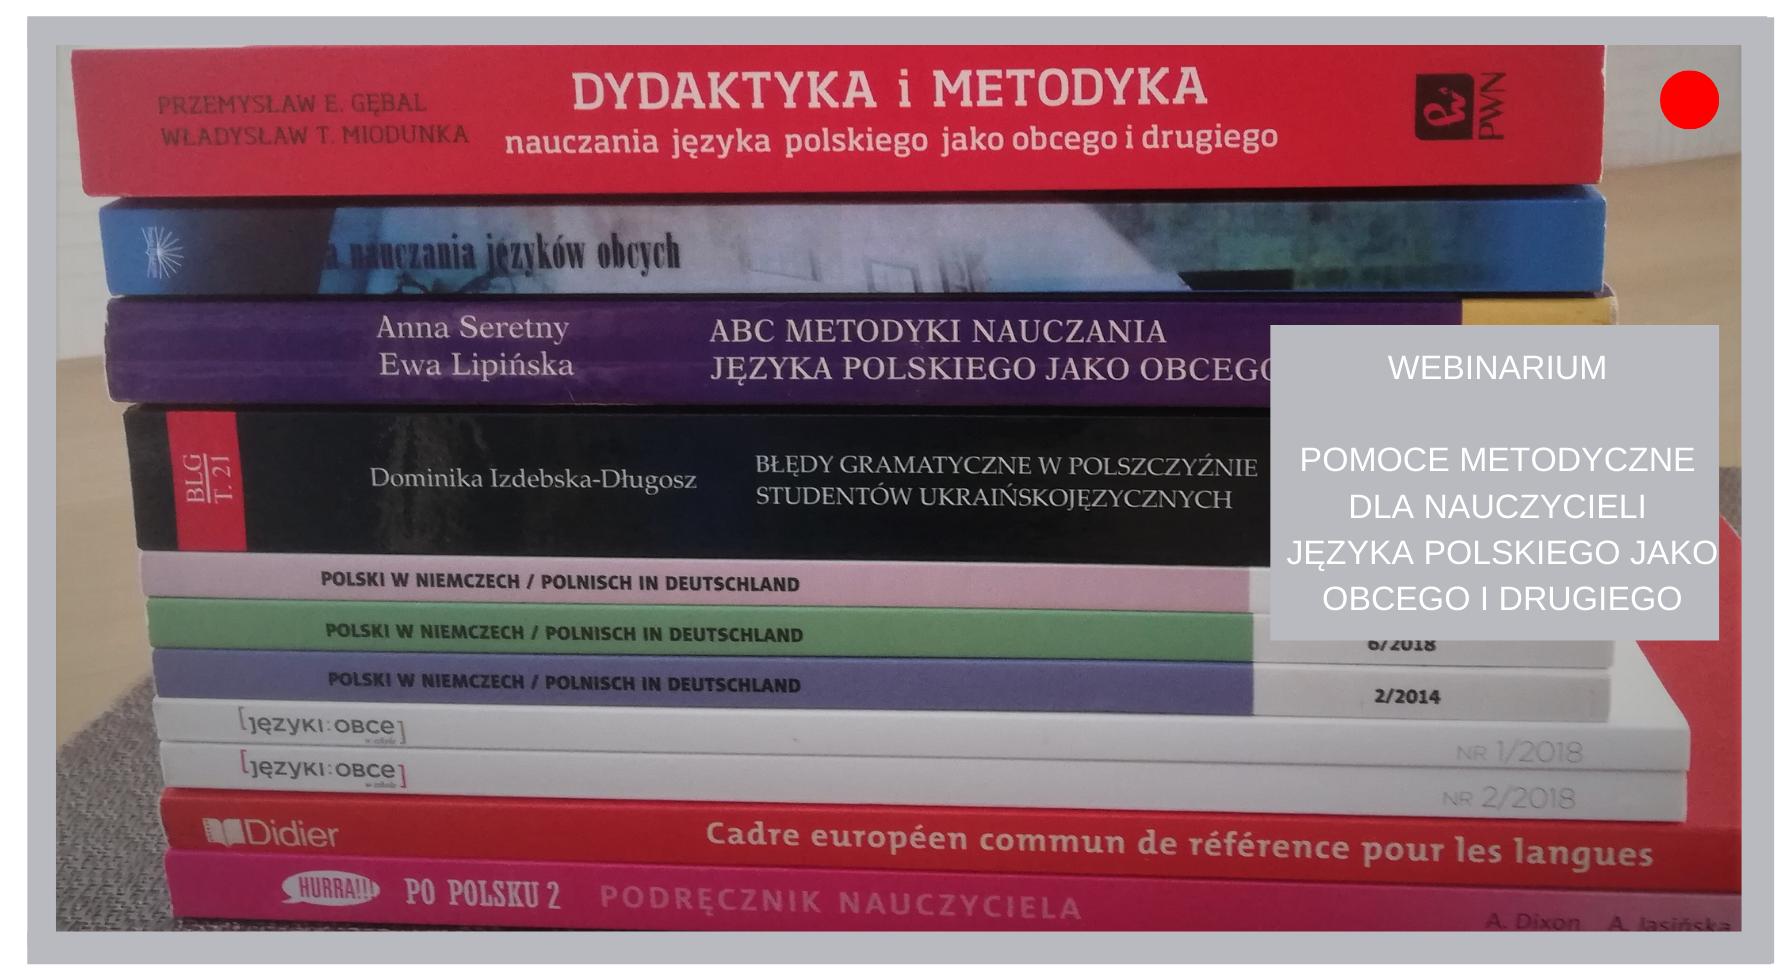 Pomoce metodyczne dla nauczycieli języka polskiego jako obcego i drugiego